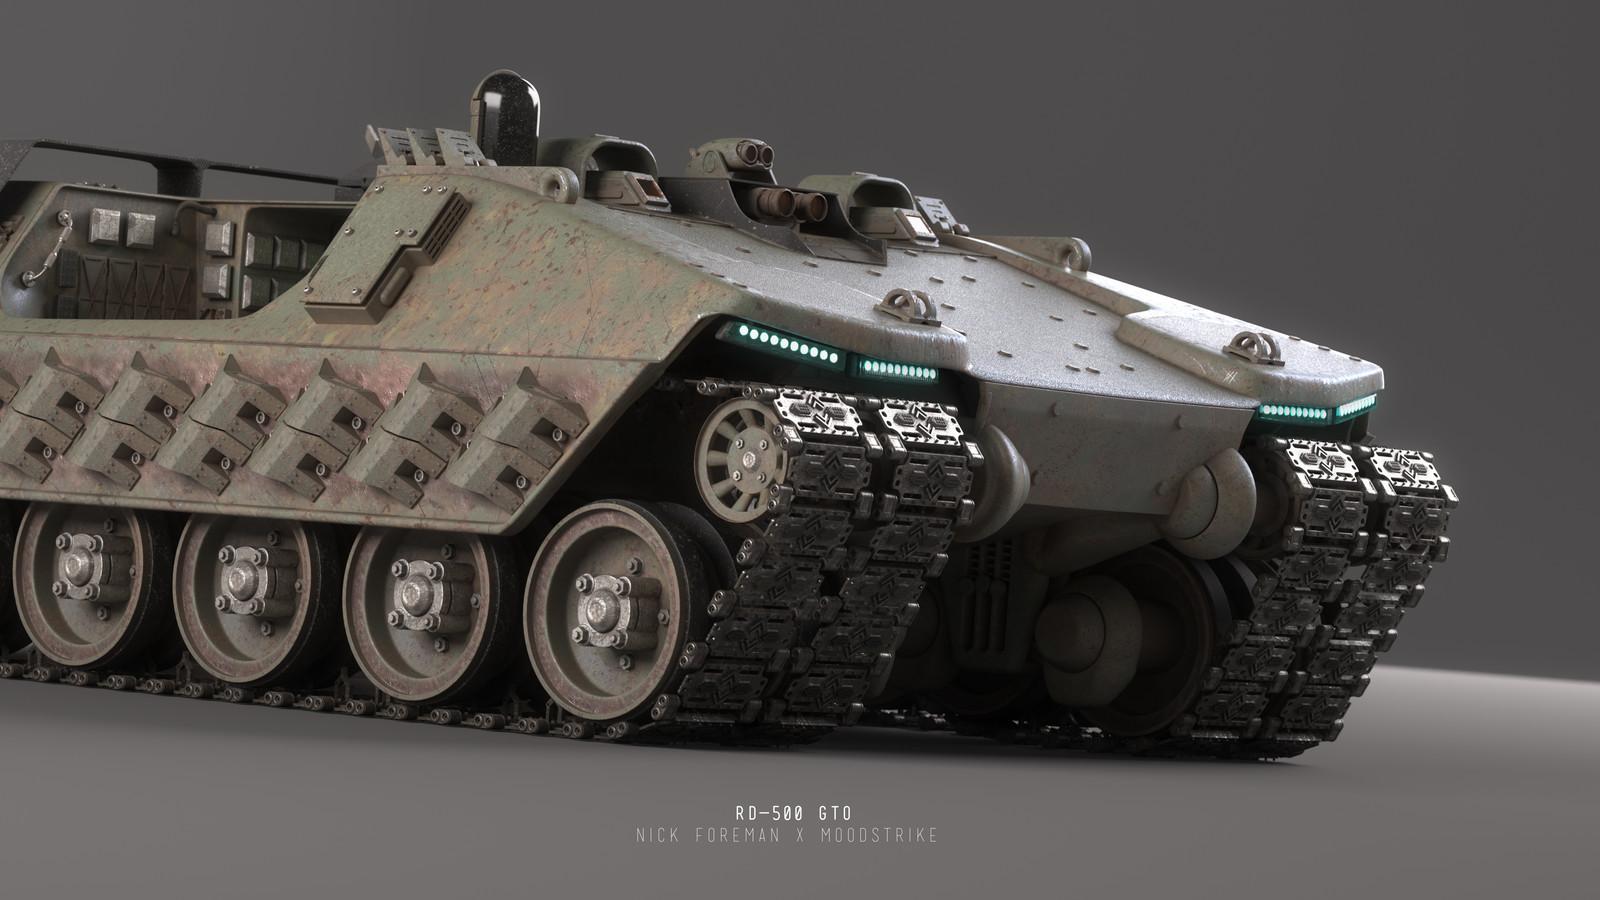 RD-500 GTO - RECON TANK